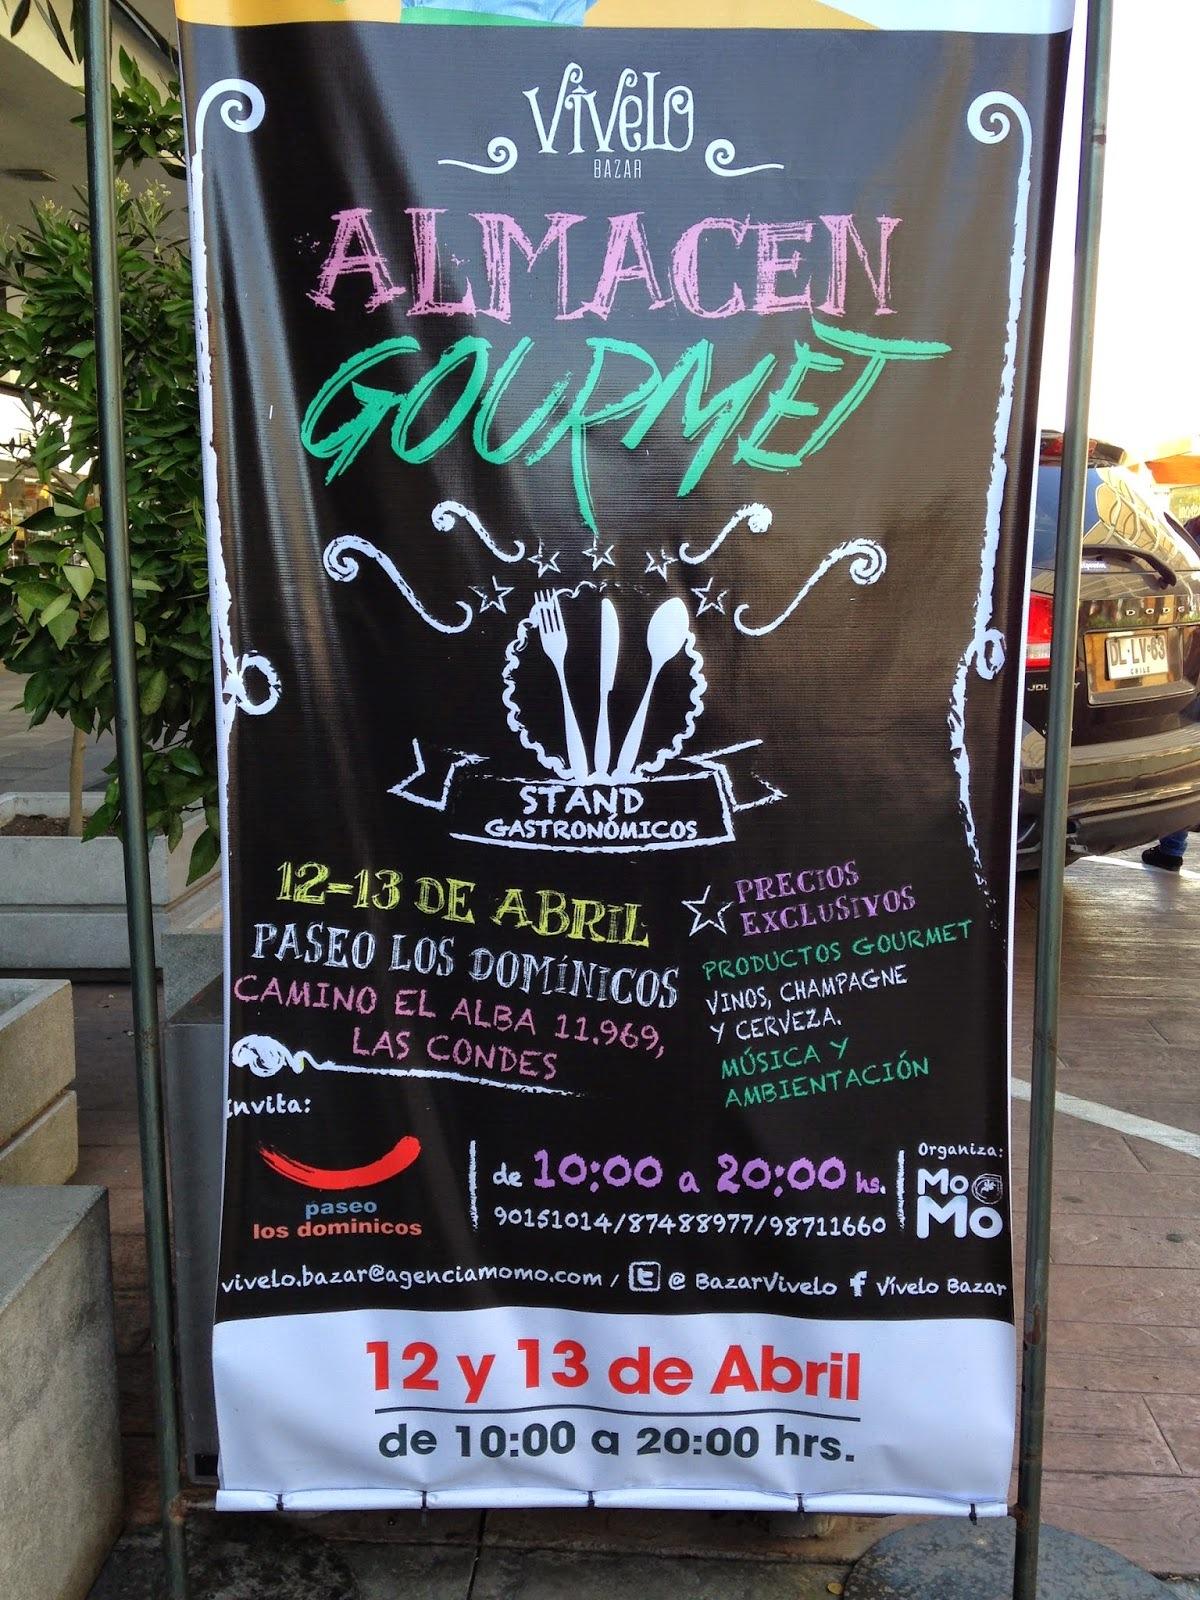 Vivelo Bazar, Almacen Gourmet